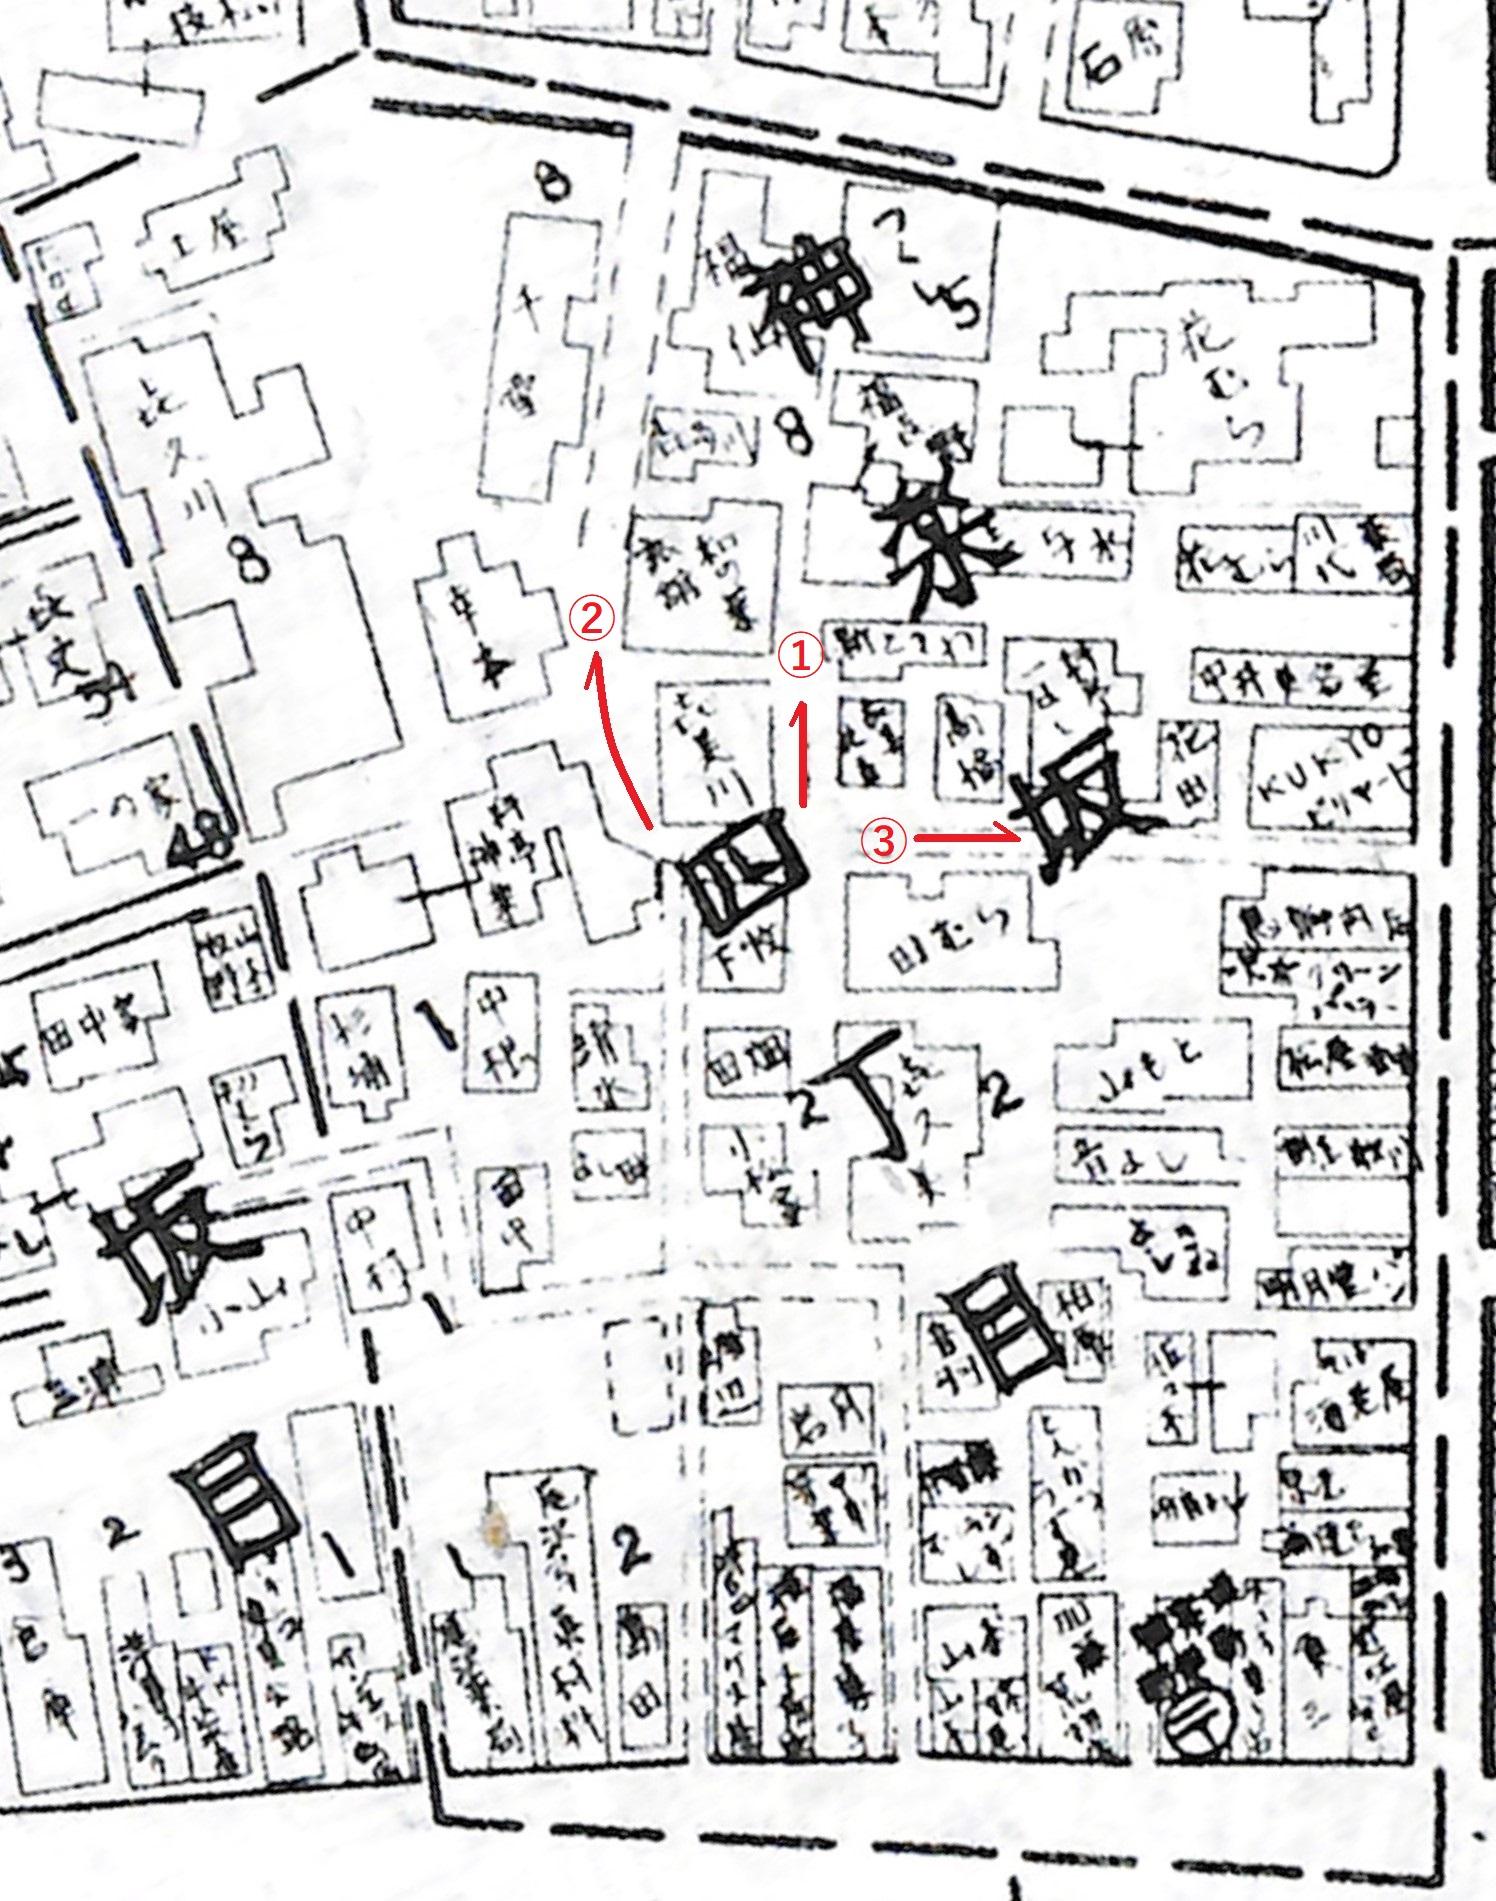 昭和38年。昭和38年。①は明治時代からの通り、②は新しい通りで、兵庫横丁に。③なくなり、本多横丁側は残り、見返し横丁に